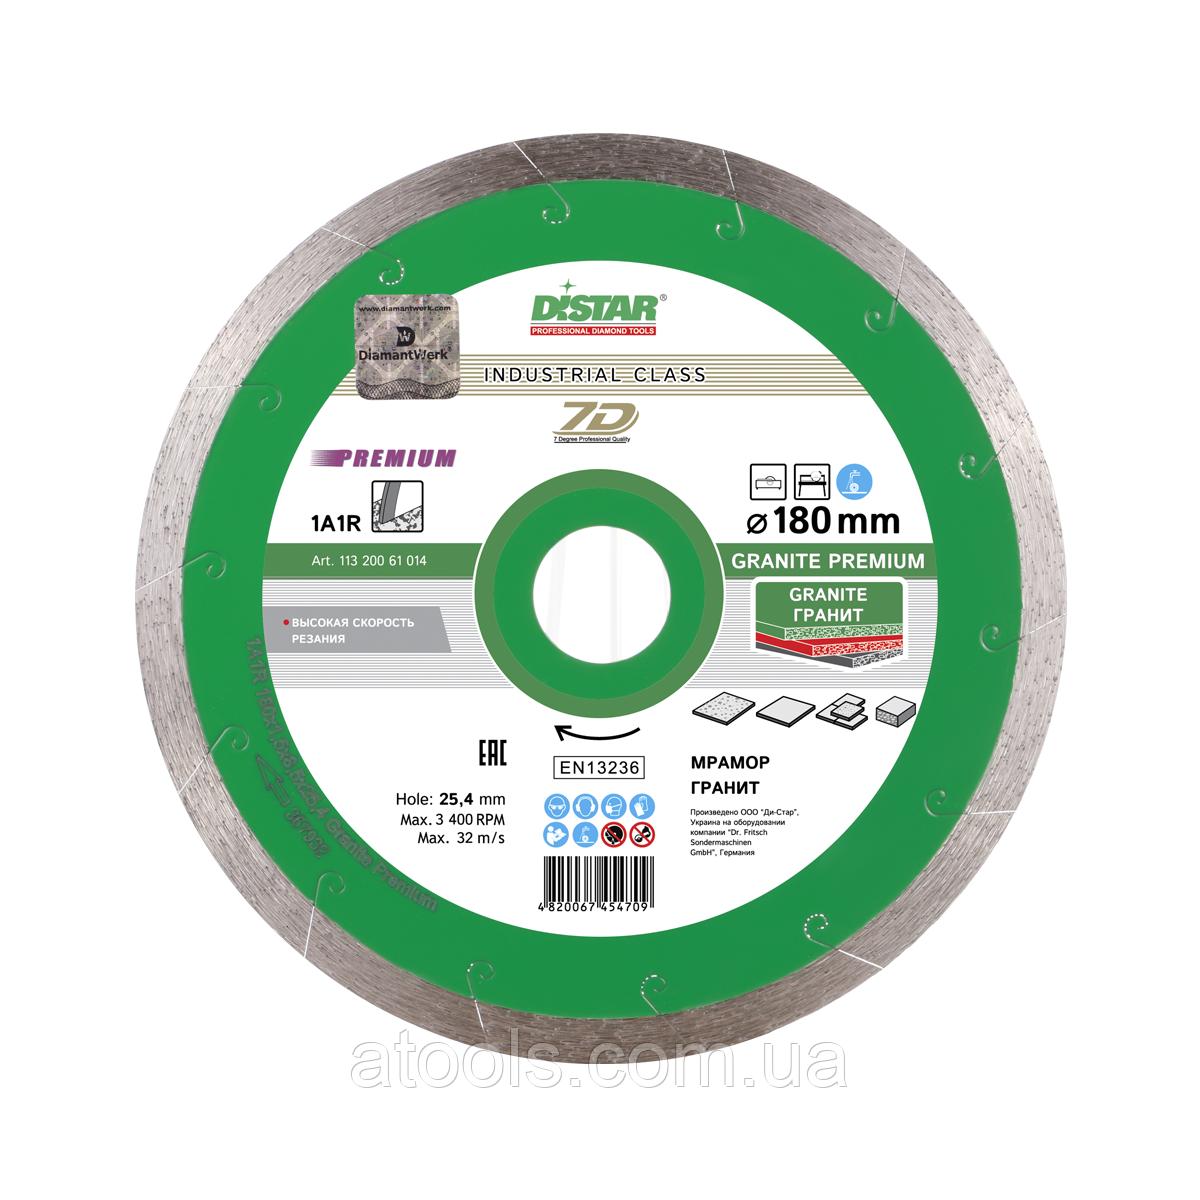 Алмазный отрезной диск Distar Granite Premium 1A1R 180x1.5x8.5x25.4 (11320061014)